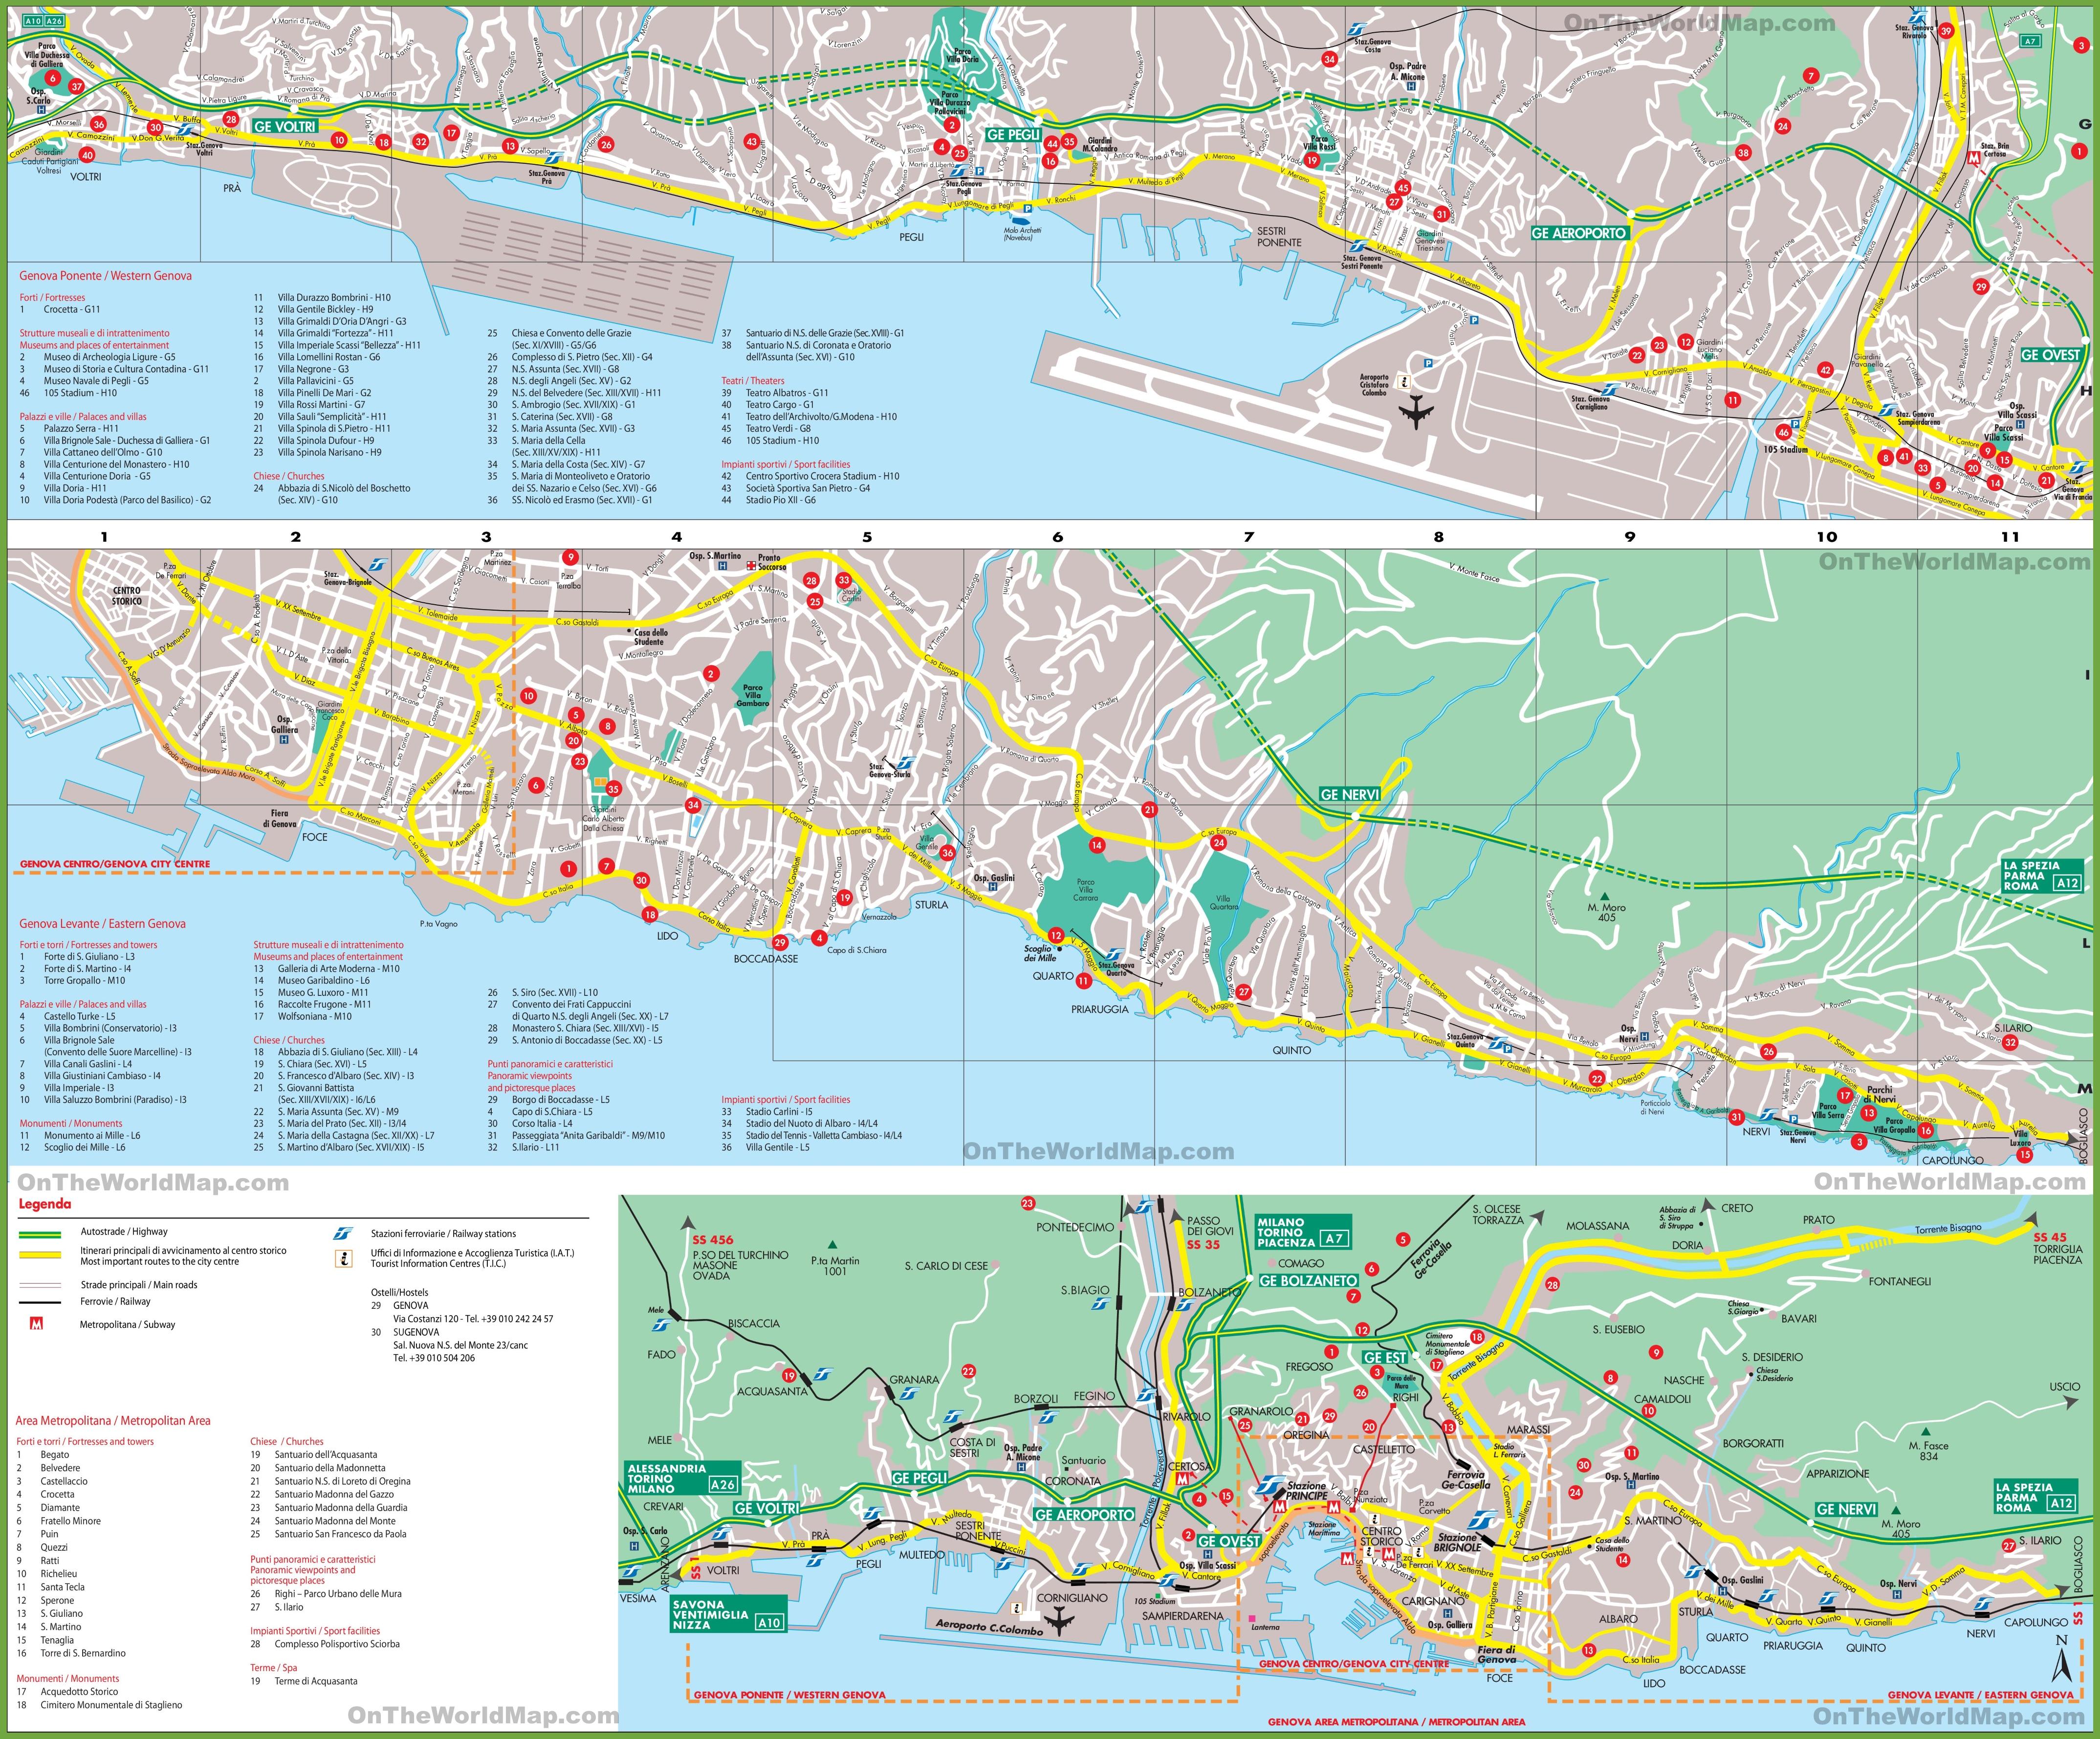 Cartina Barcellona Dettagliata.Grande Mappa Turistica Dettagliata Di Genova